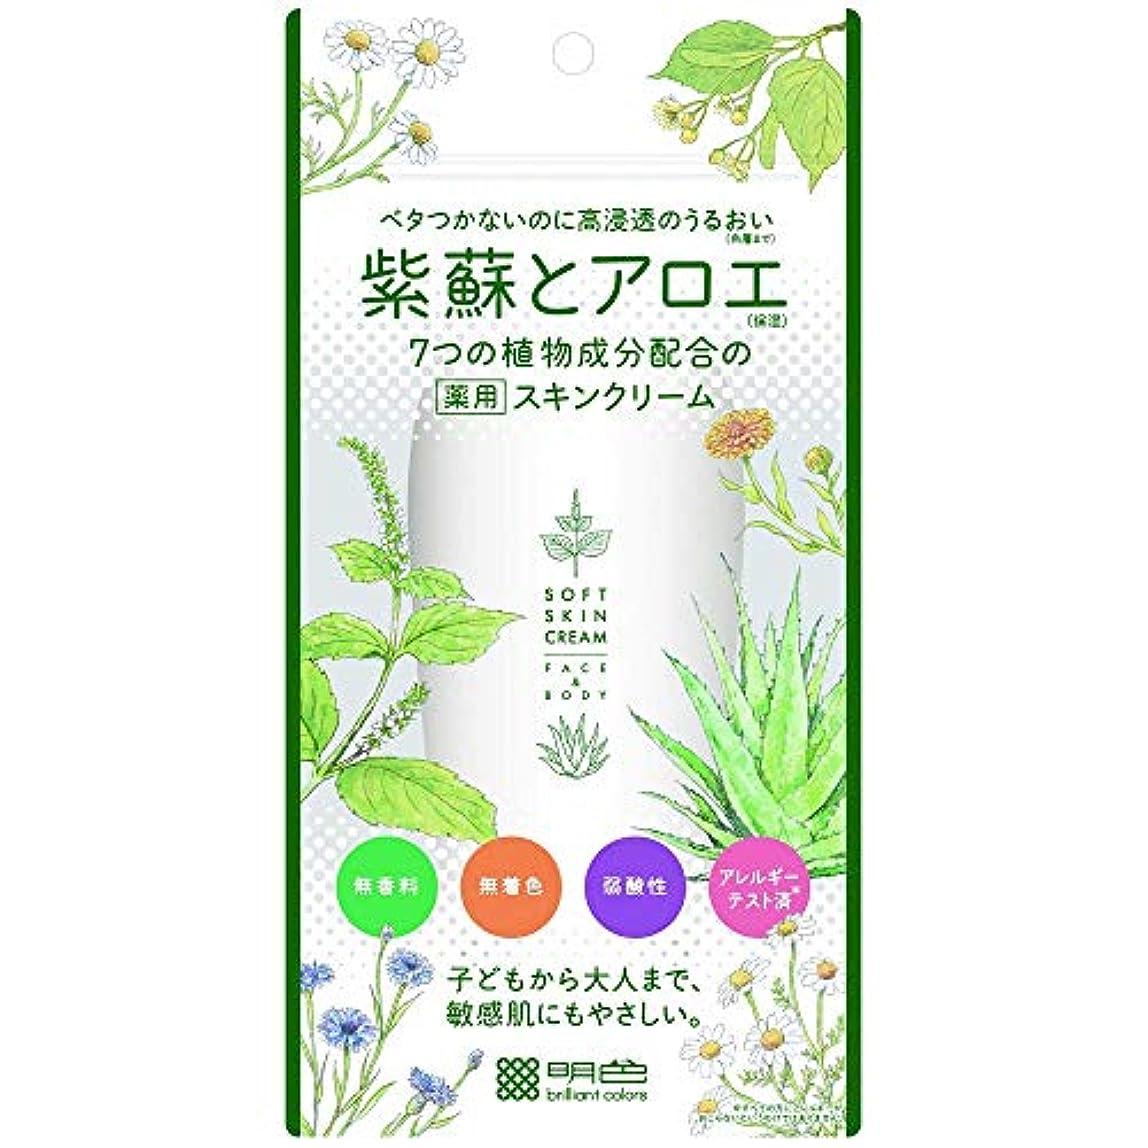 投資する前者王朝【3個セット】紫蘇とアロエ 薬用スキンクリーム 190g